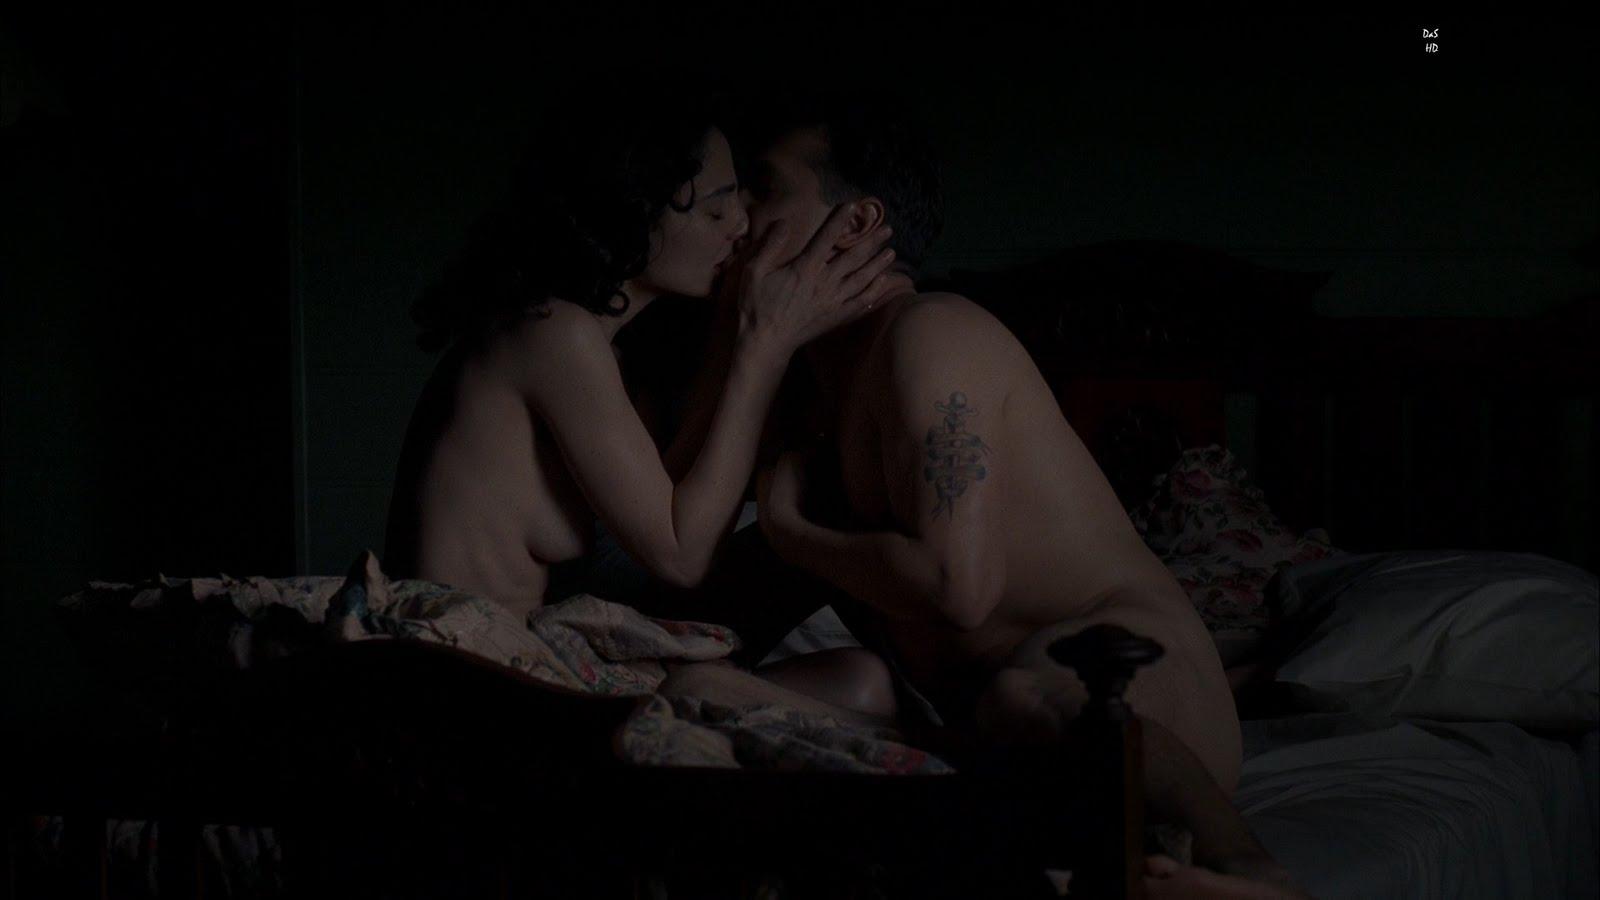 annie parisse naked titss